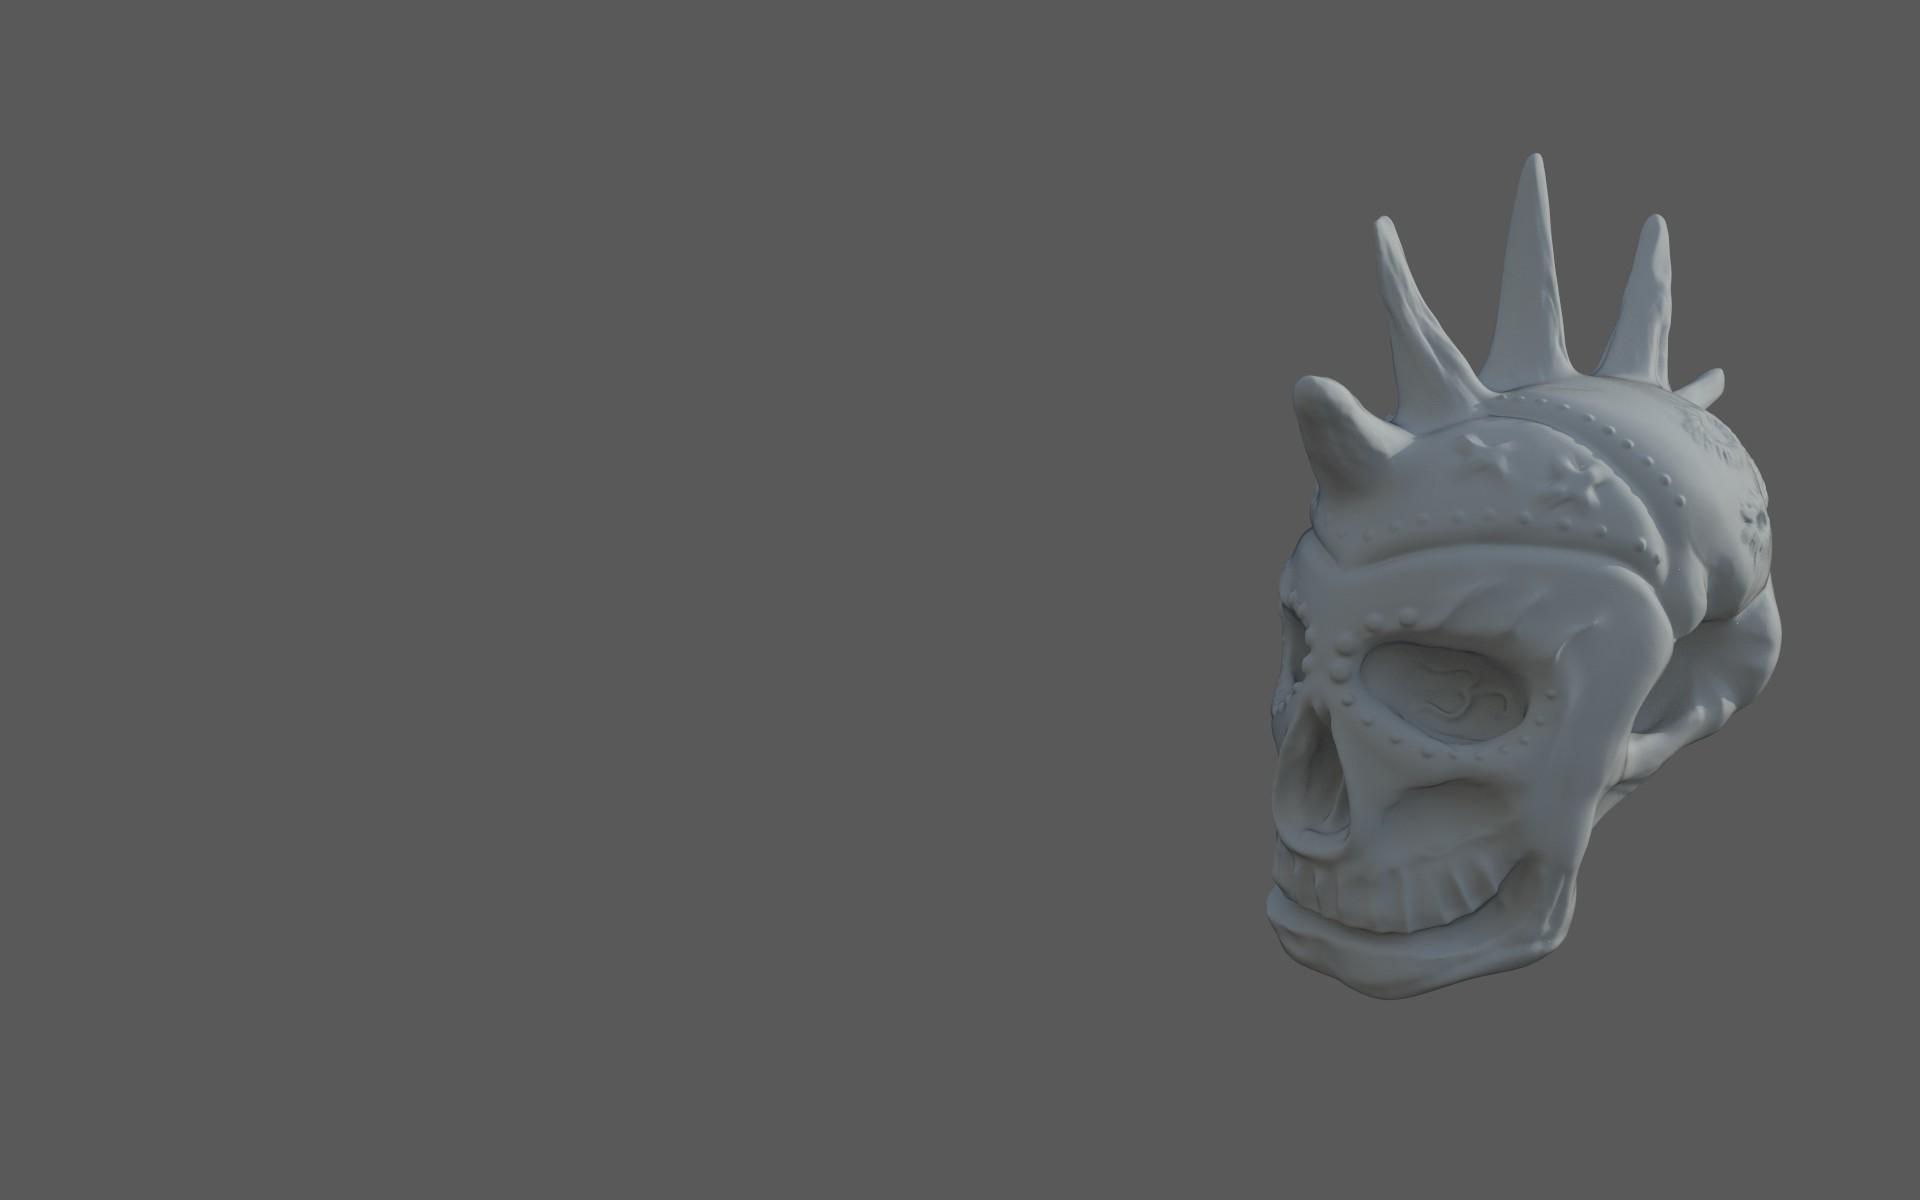 Matej chalachan skull sculpt